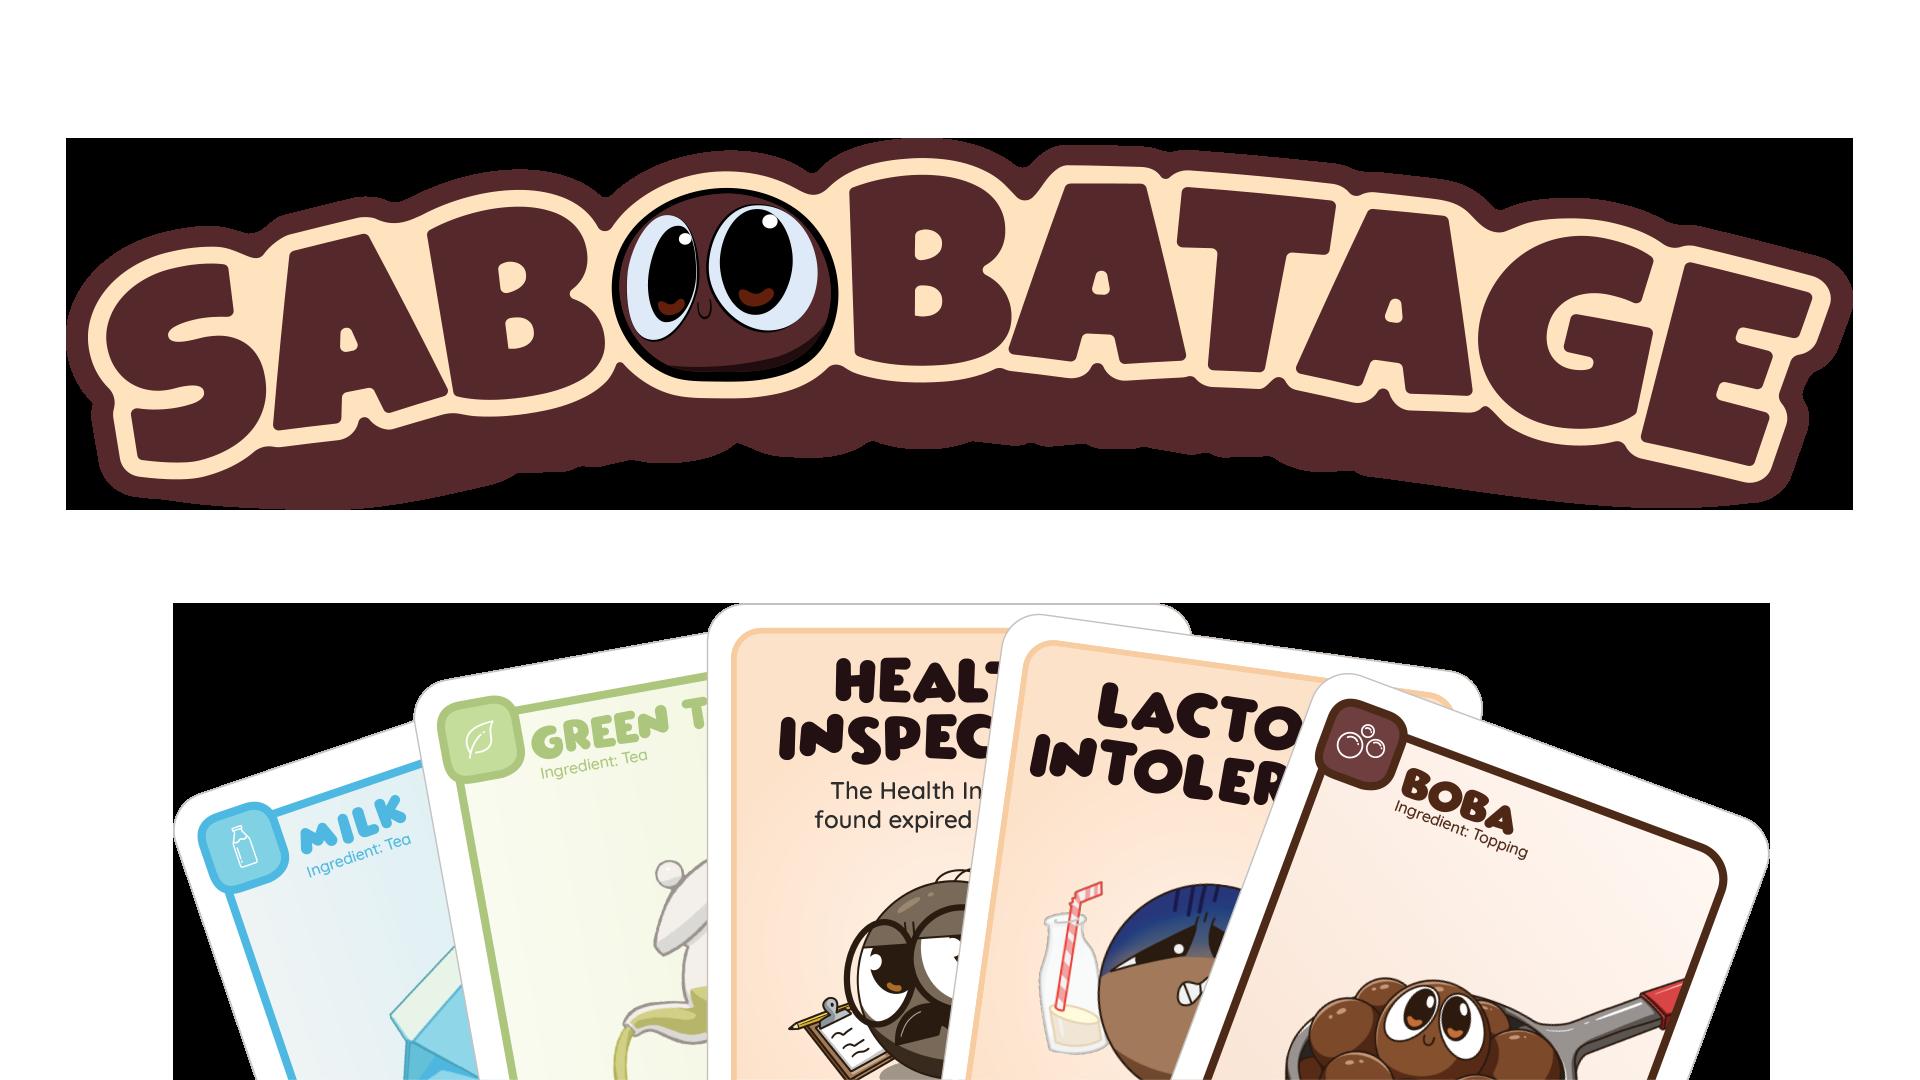 sabobatage_logo